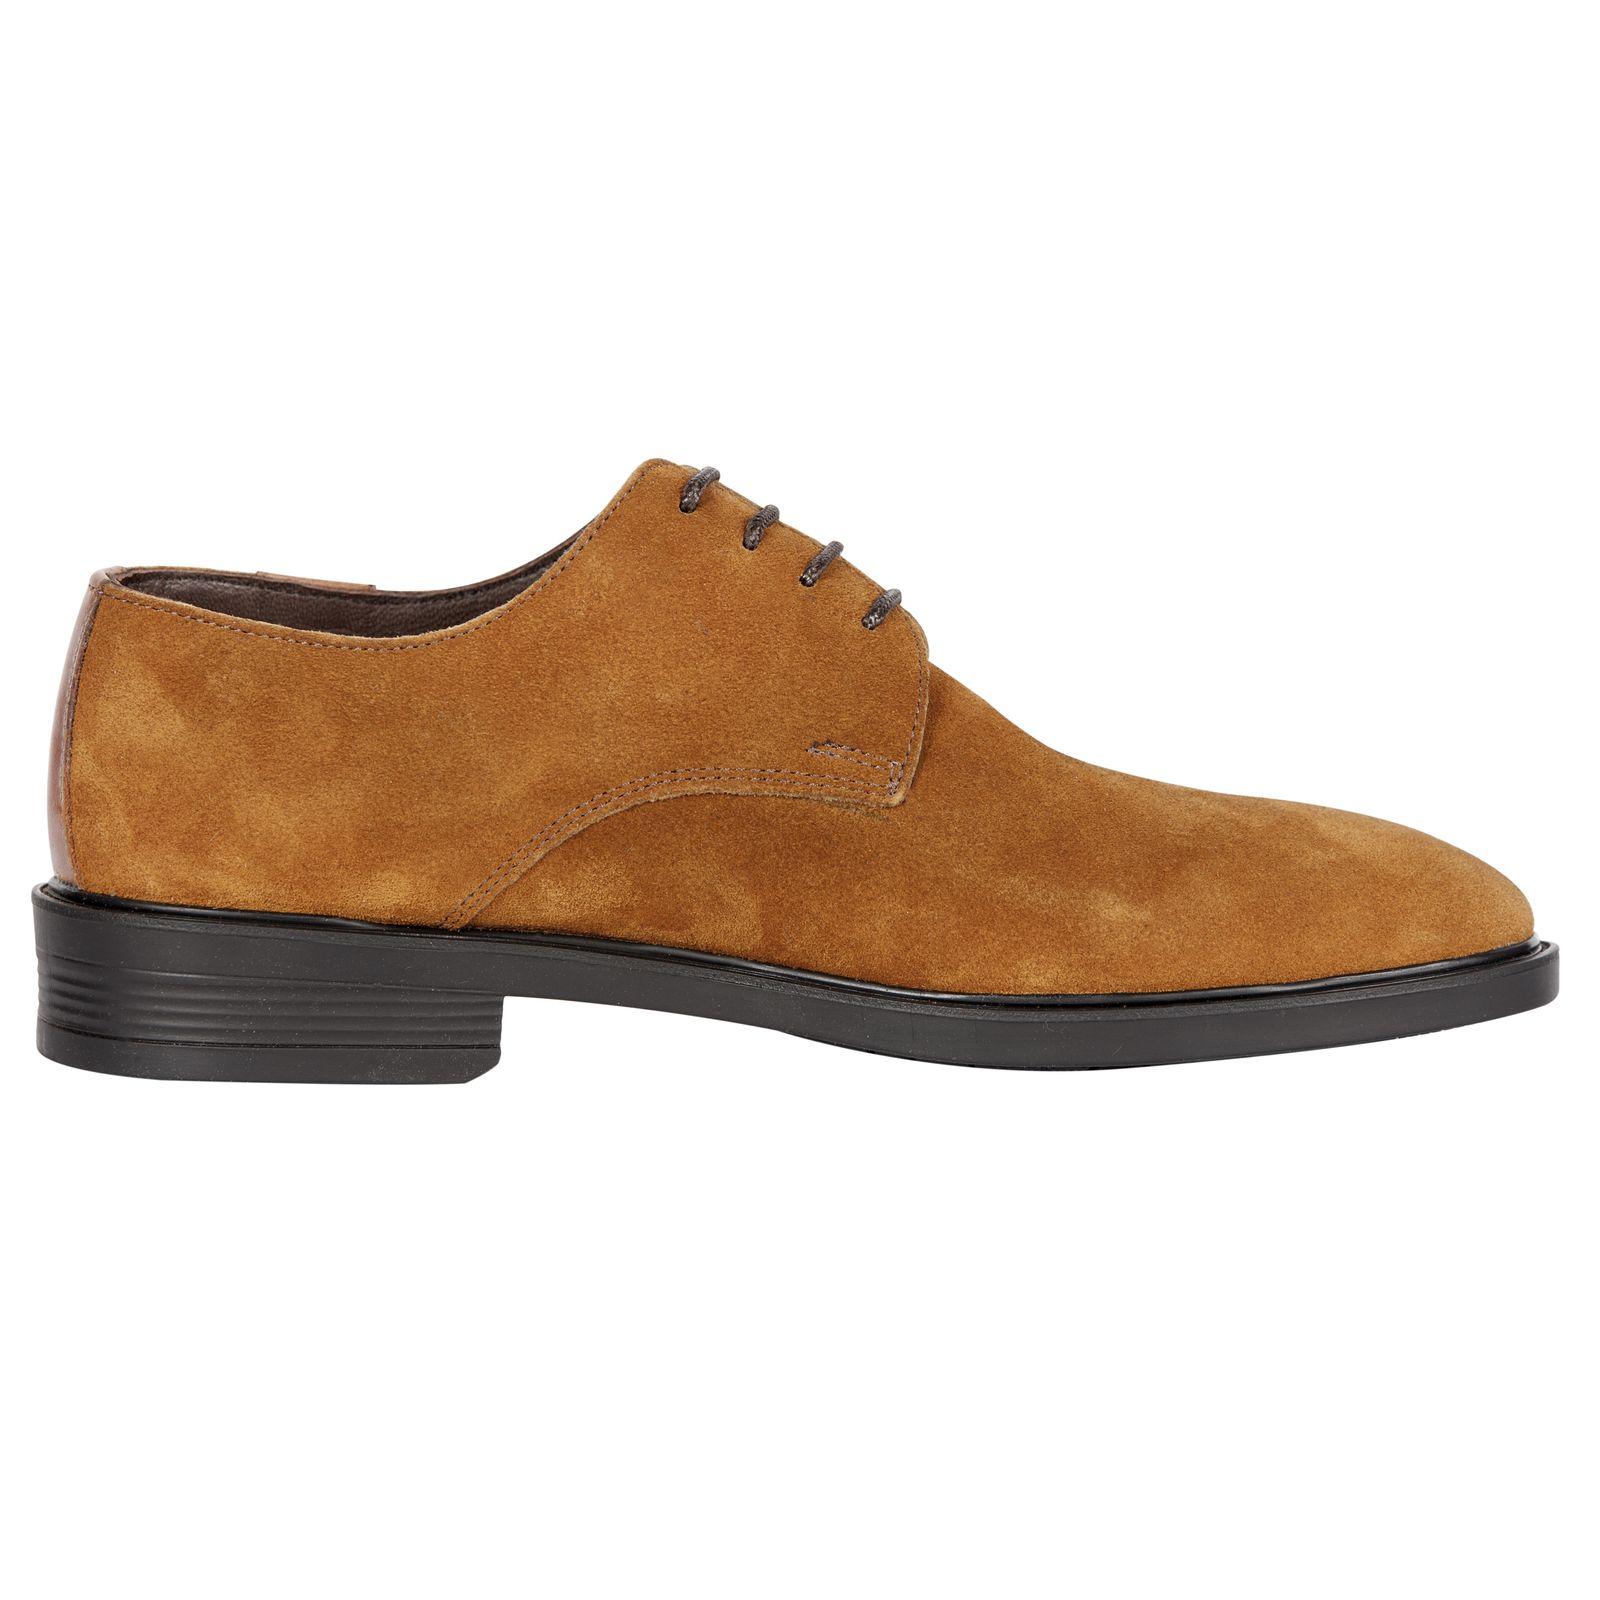 کفش مردانه فری مود کد 1811 رنگ عسلی -  - 3